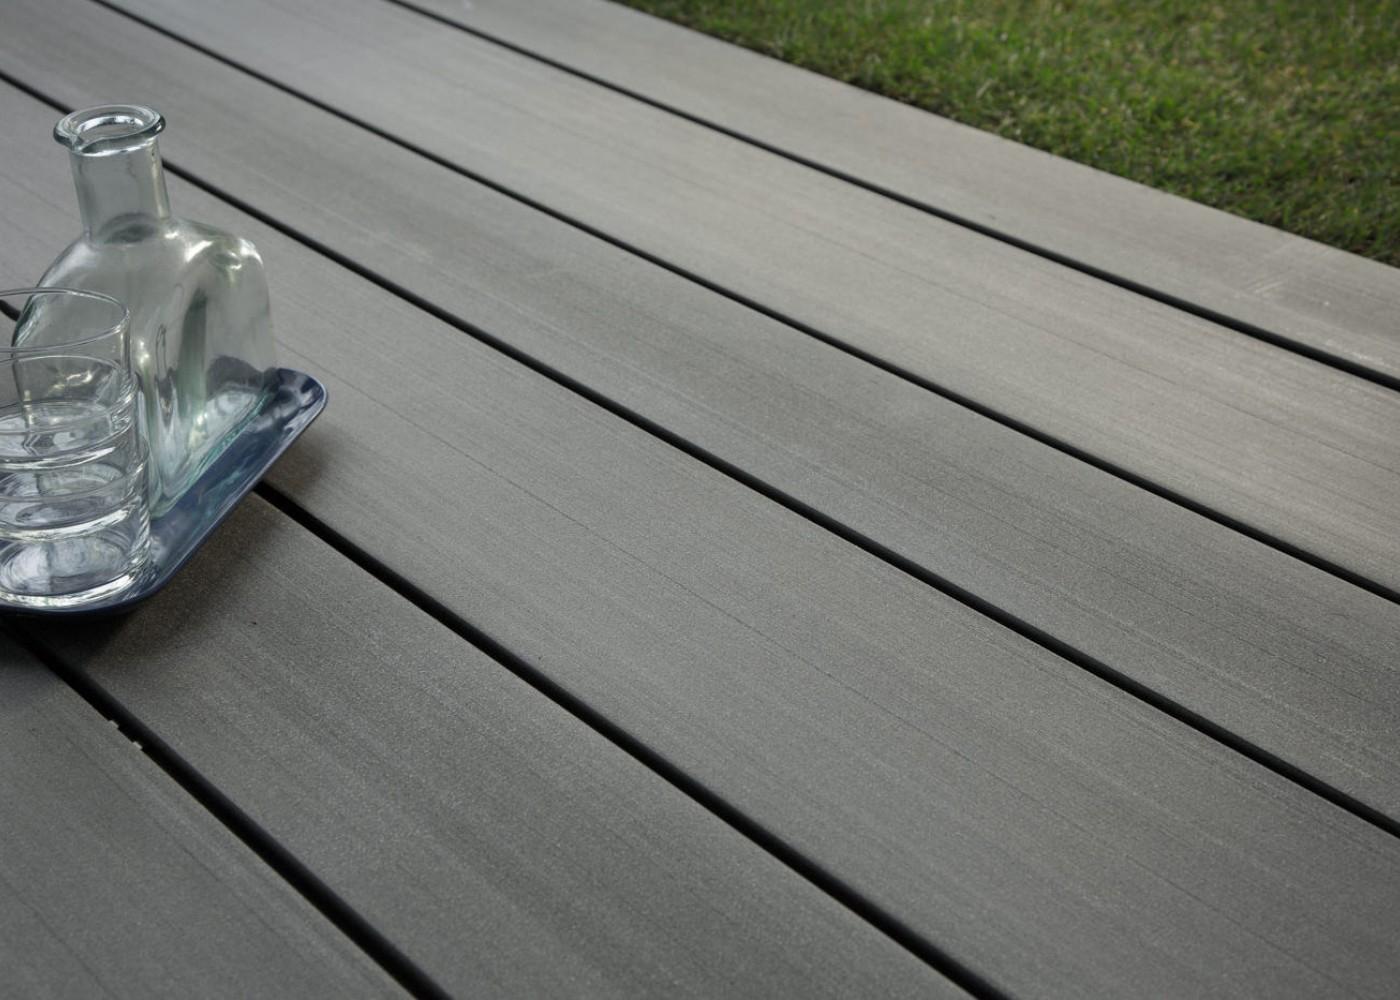 Terrasse En Lame Composite Lame De Terrasse En Bois Posite Teinte Gris Anthracite